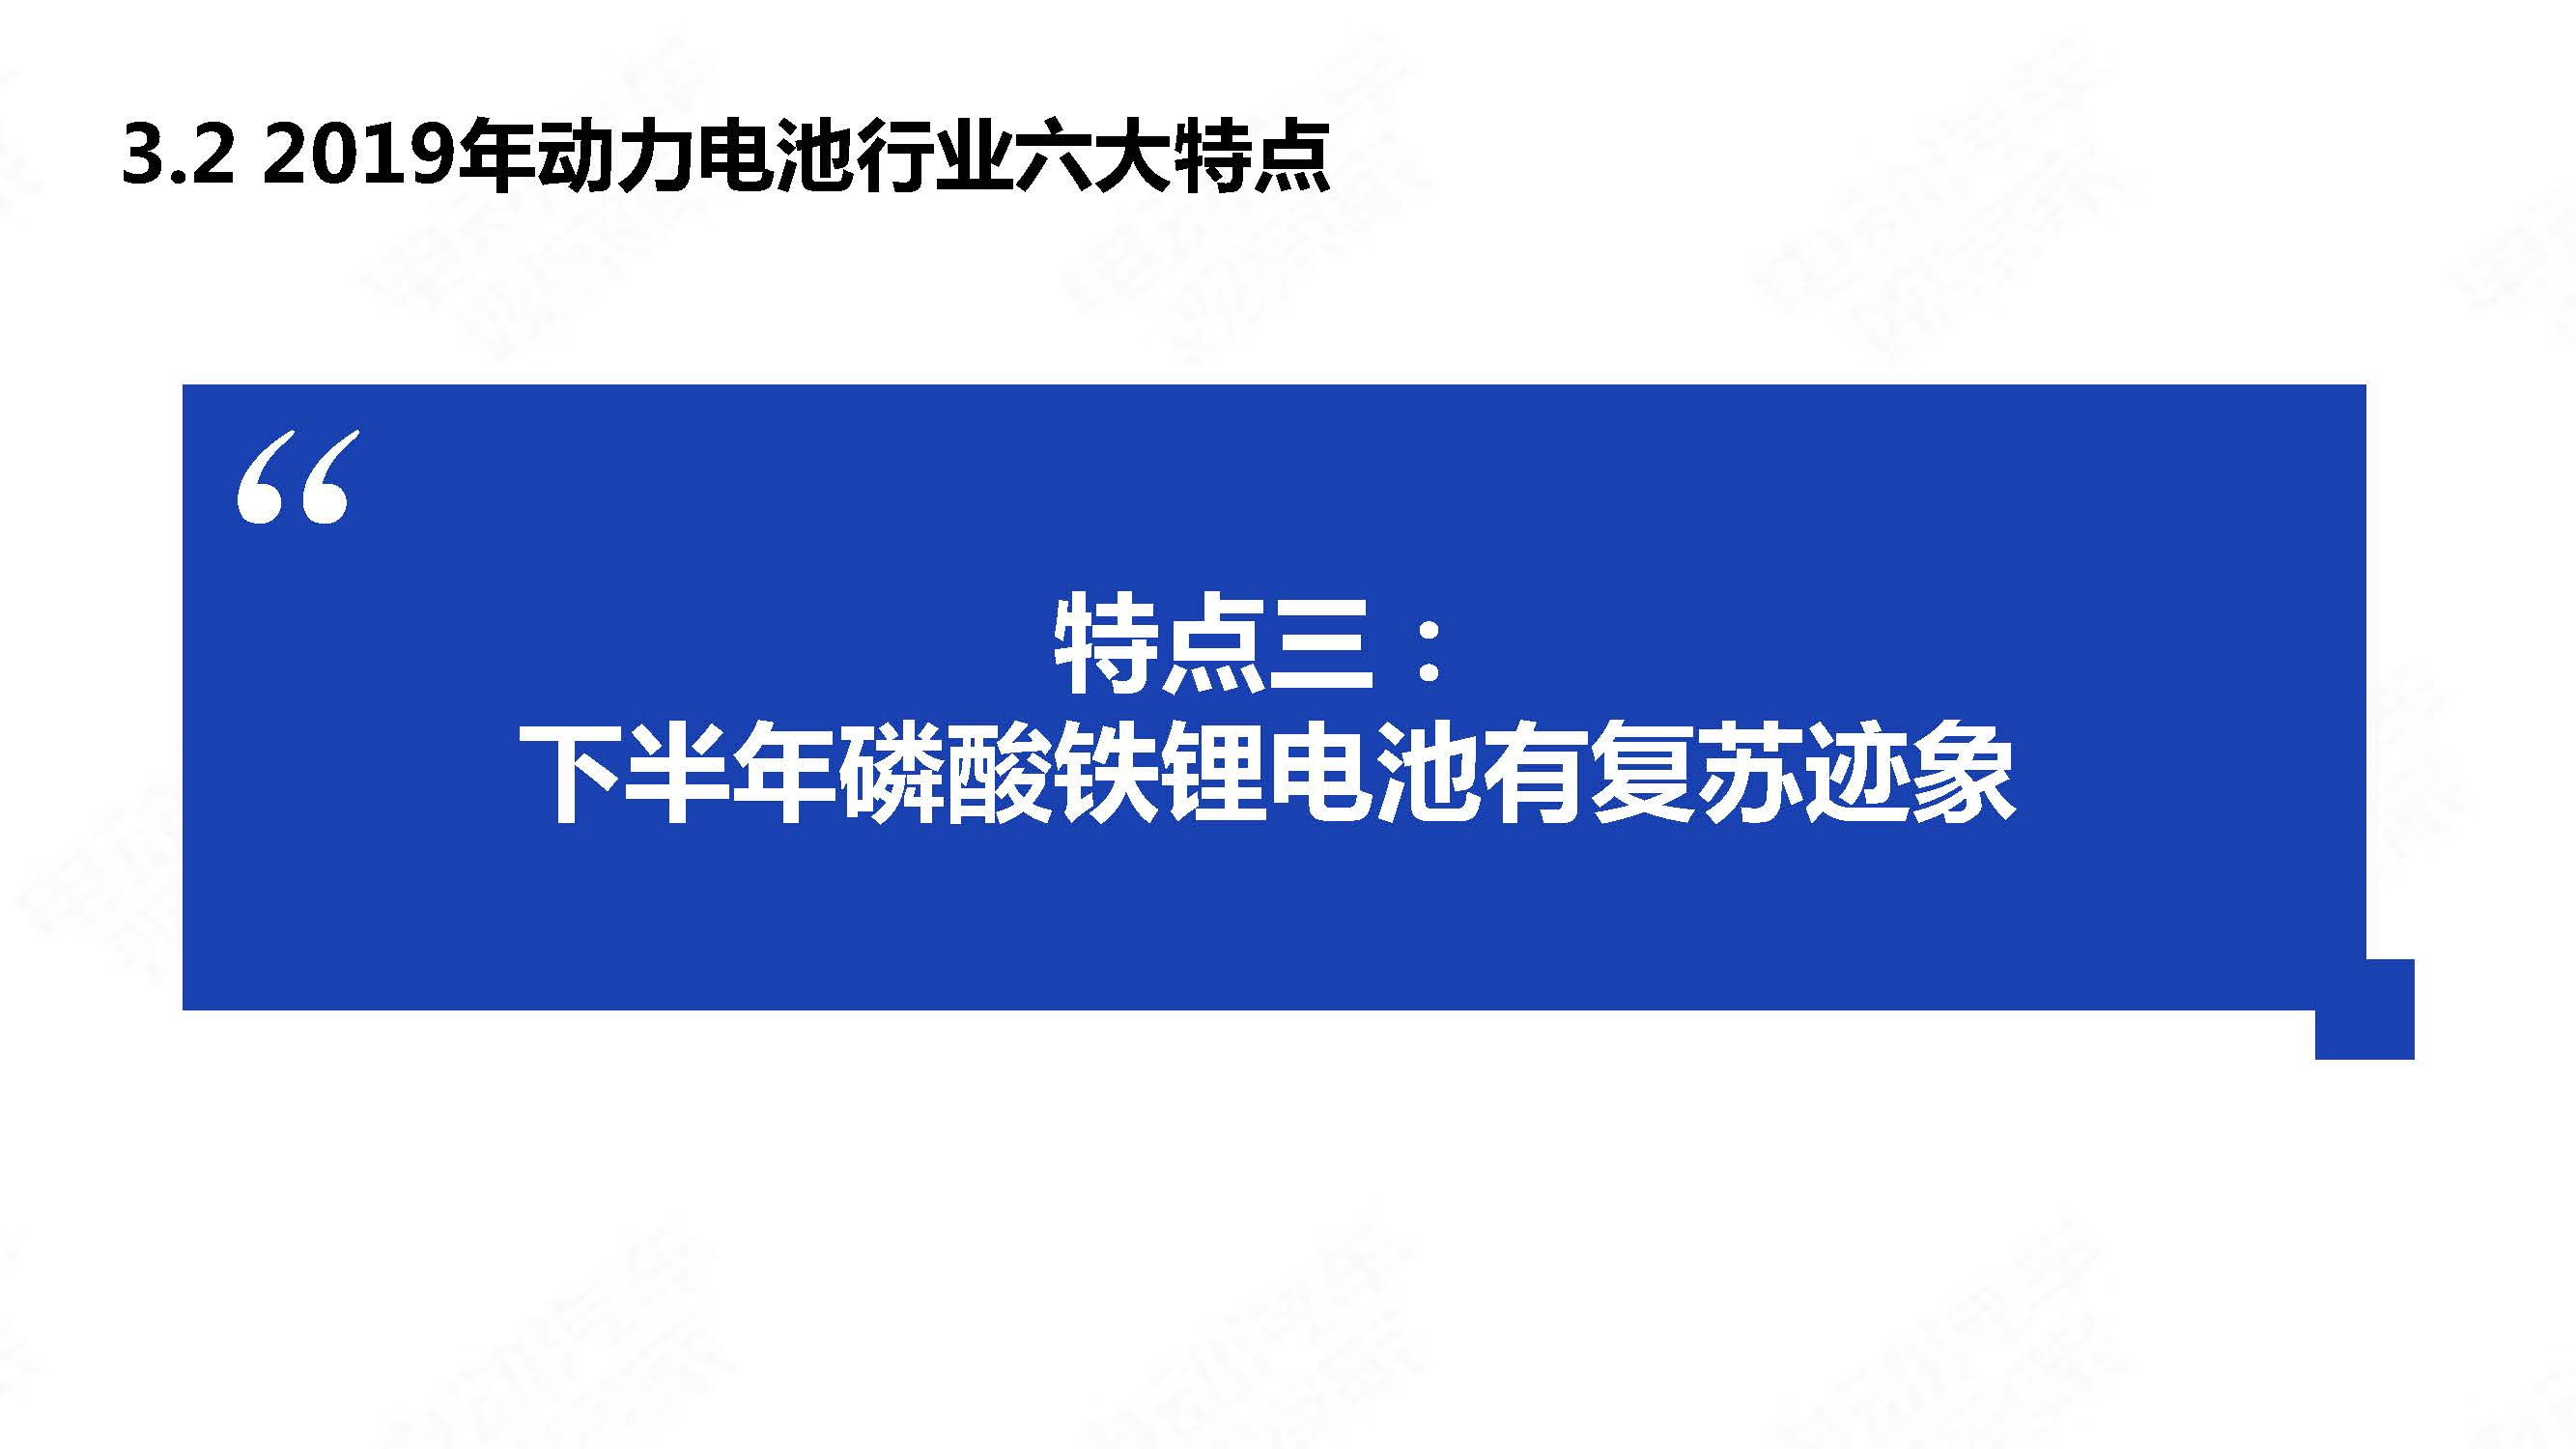 中国新能源汽车产业年度观察2020 简版_页面_31